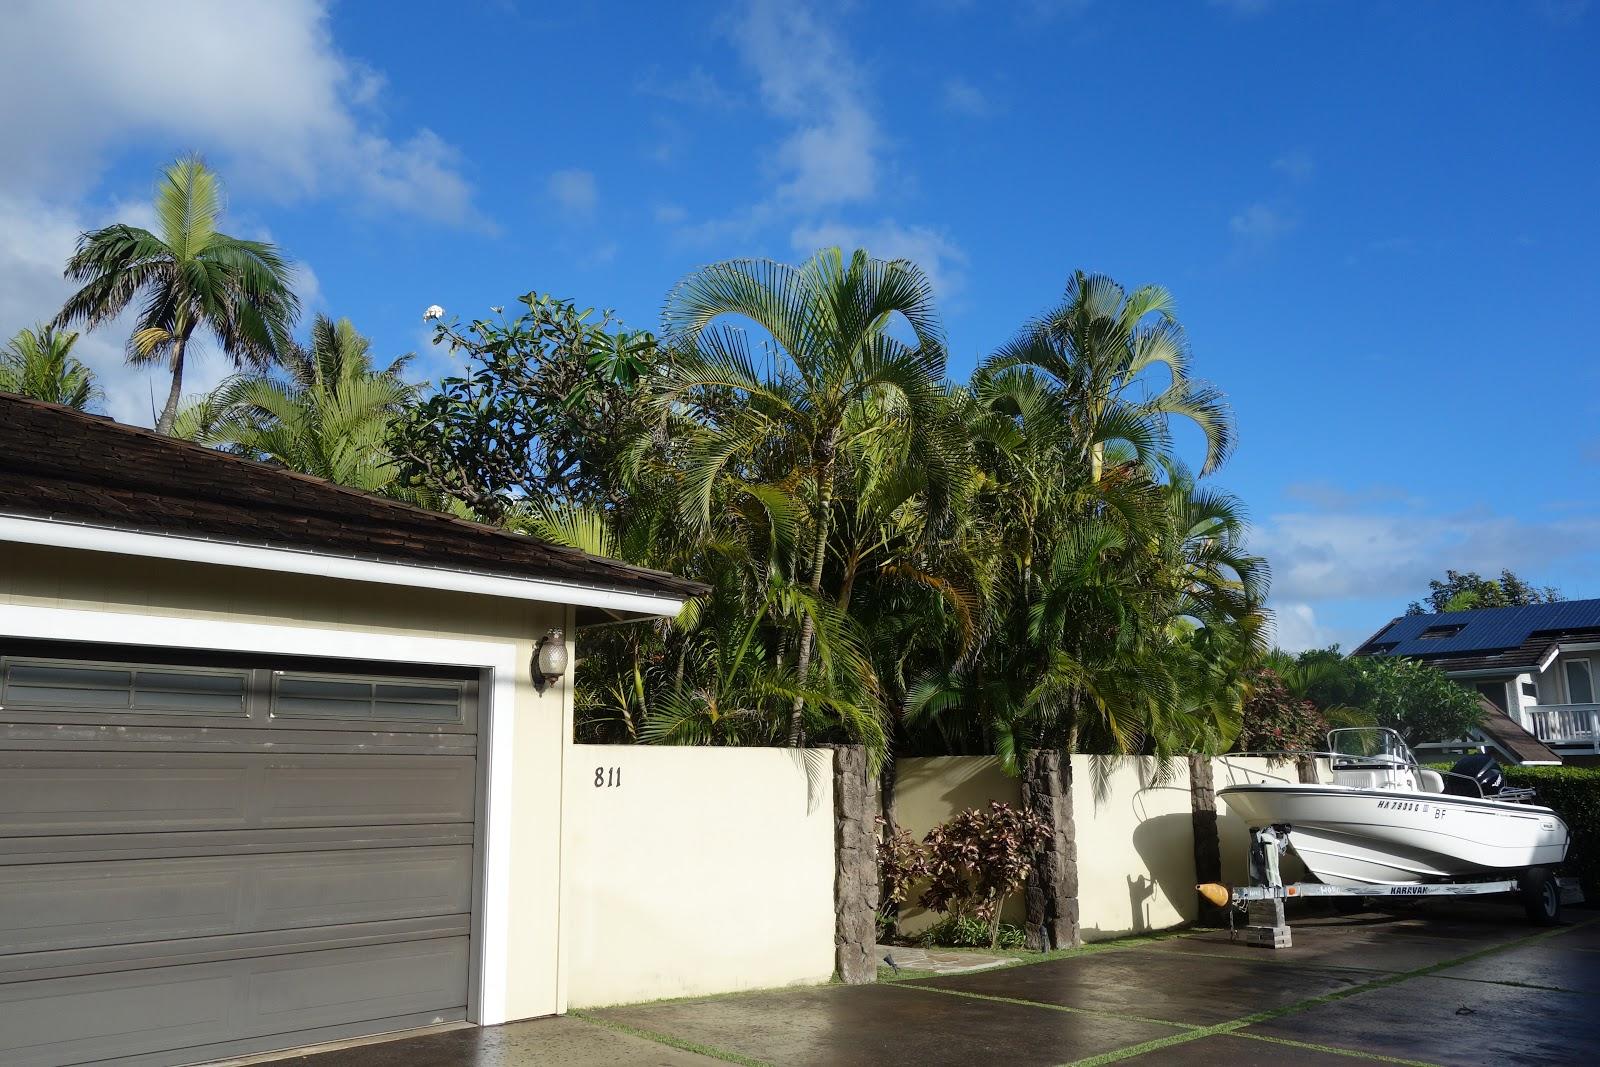 タケマシュラン: ハワイの高級住宅地の豪邸を1泊2万円で借りる方法